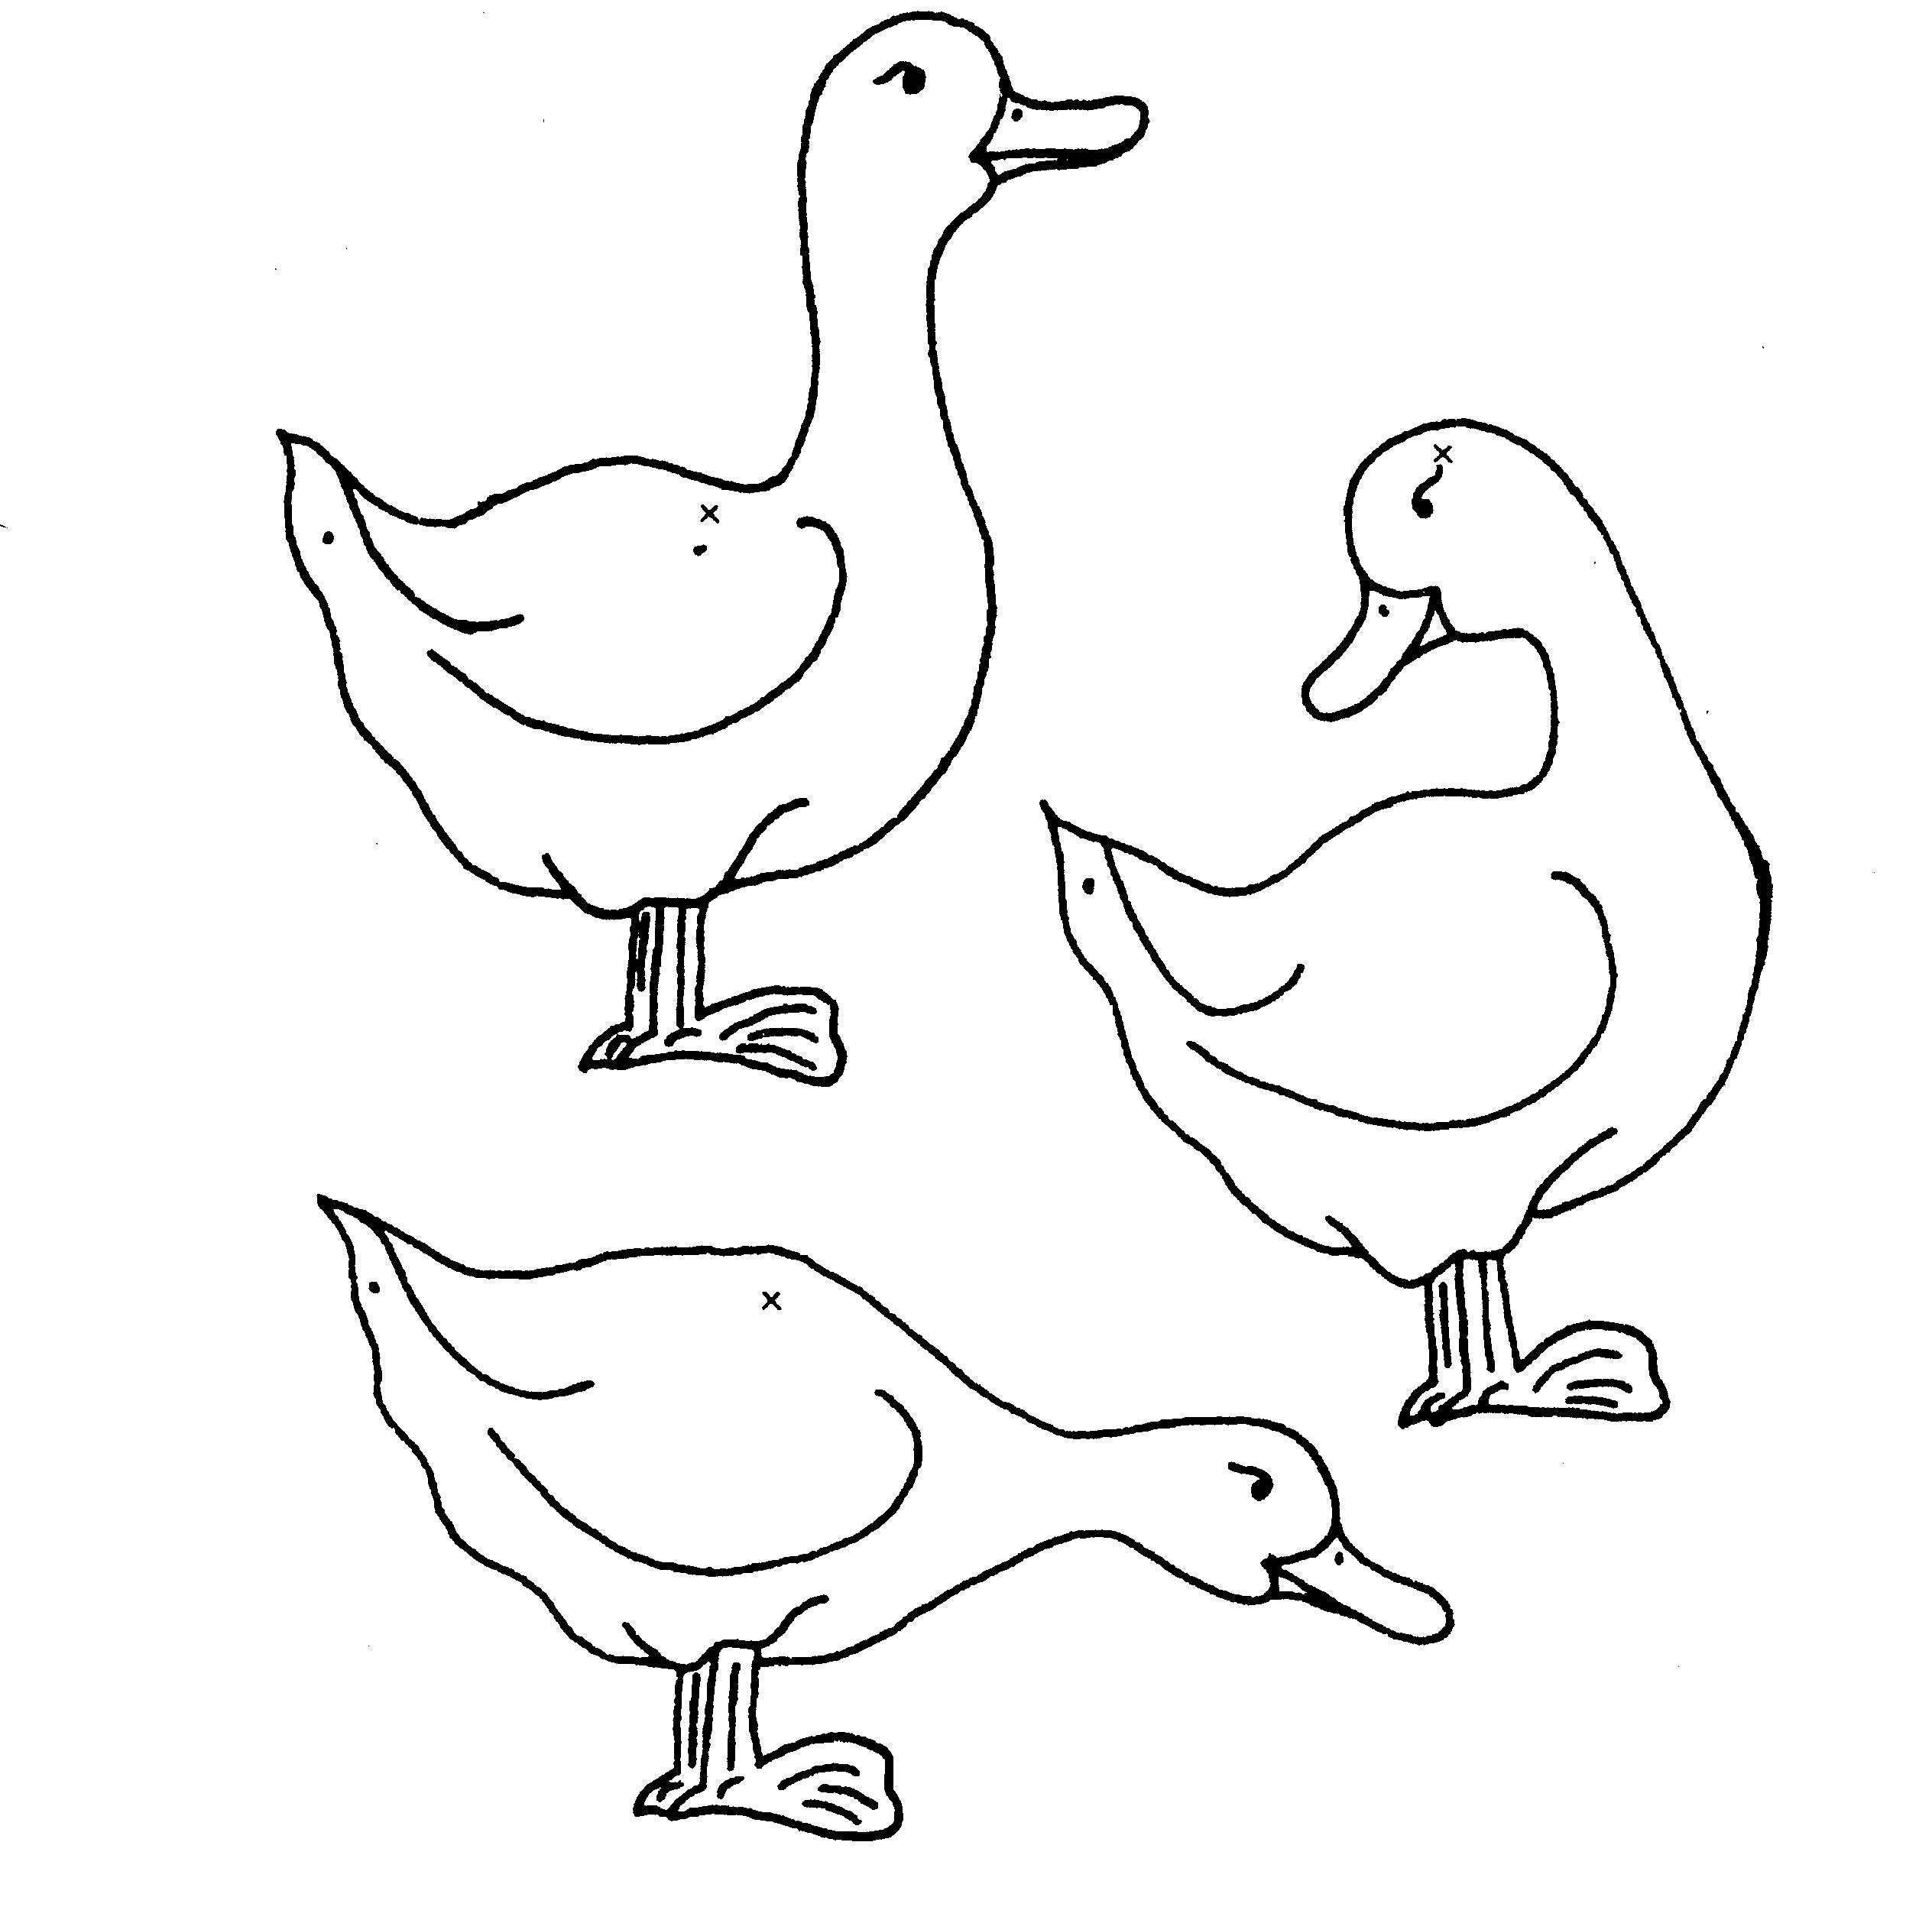 Coloriage Canards - Les Beaux Dessins De Nature À Imprimer destiné Masque Canard À Imprimer